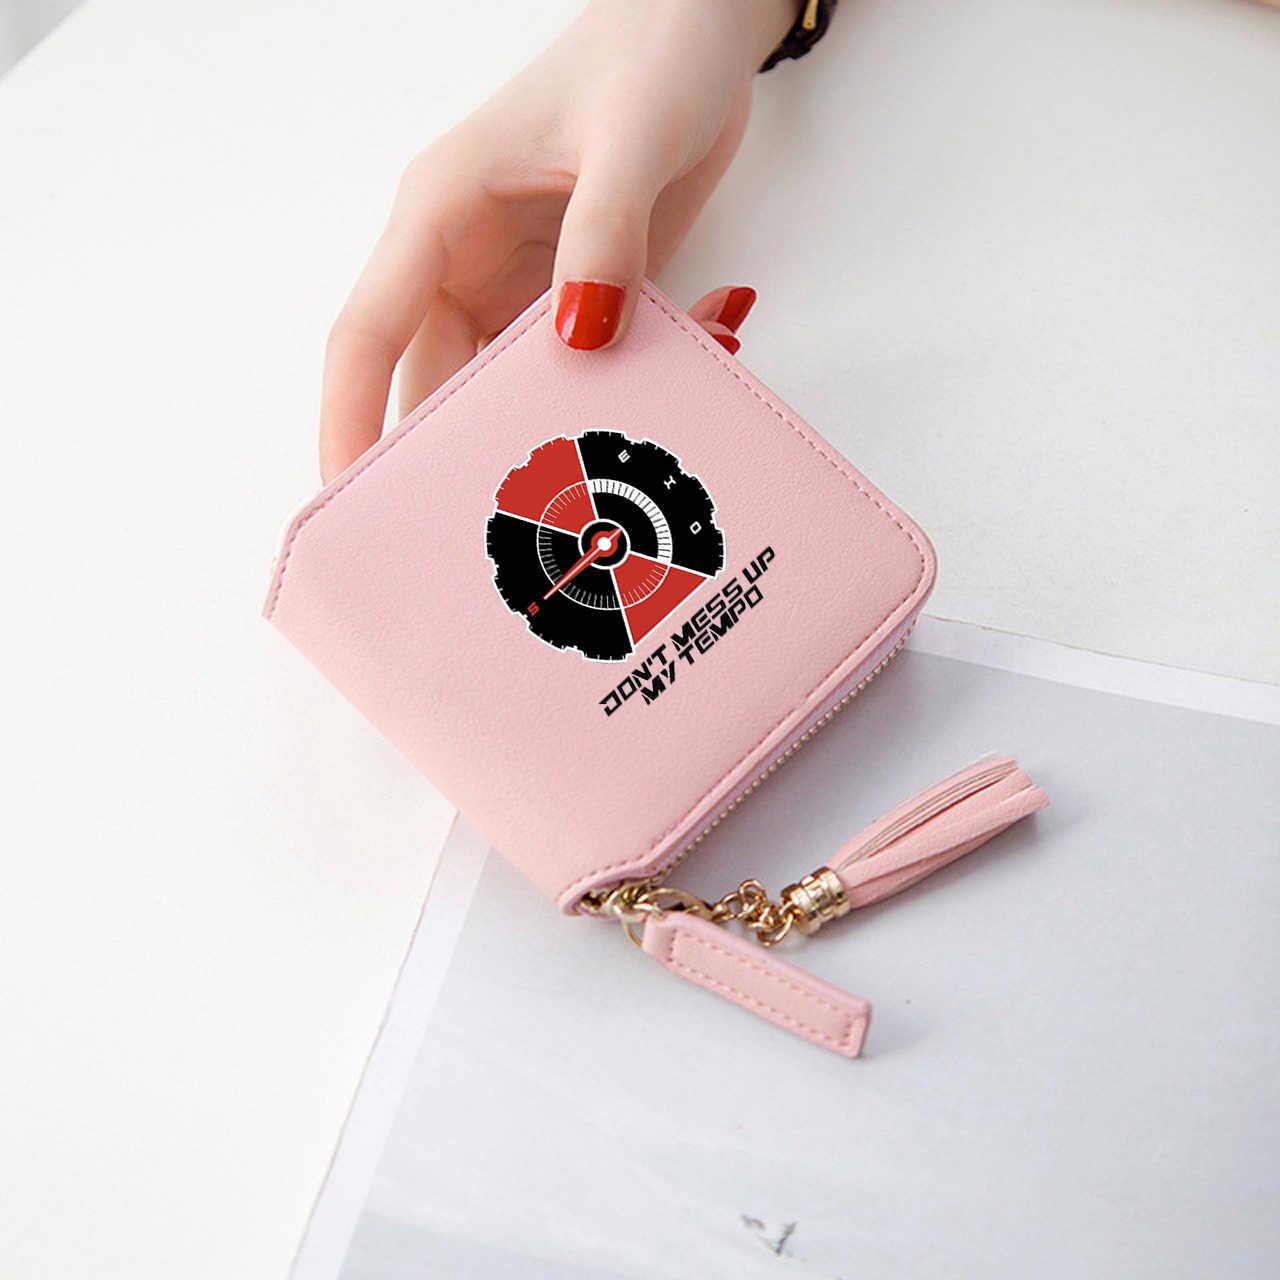 Nuevos accesorios de Kpop, billeteras lindas y cortas con cremallera, billetera y monederos para mujer, minibolsos, fundas elegantes, triangulación de envíos